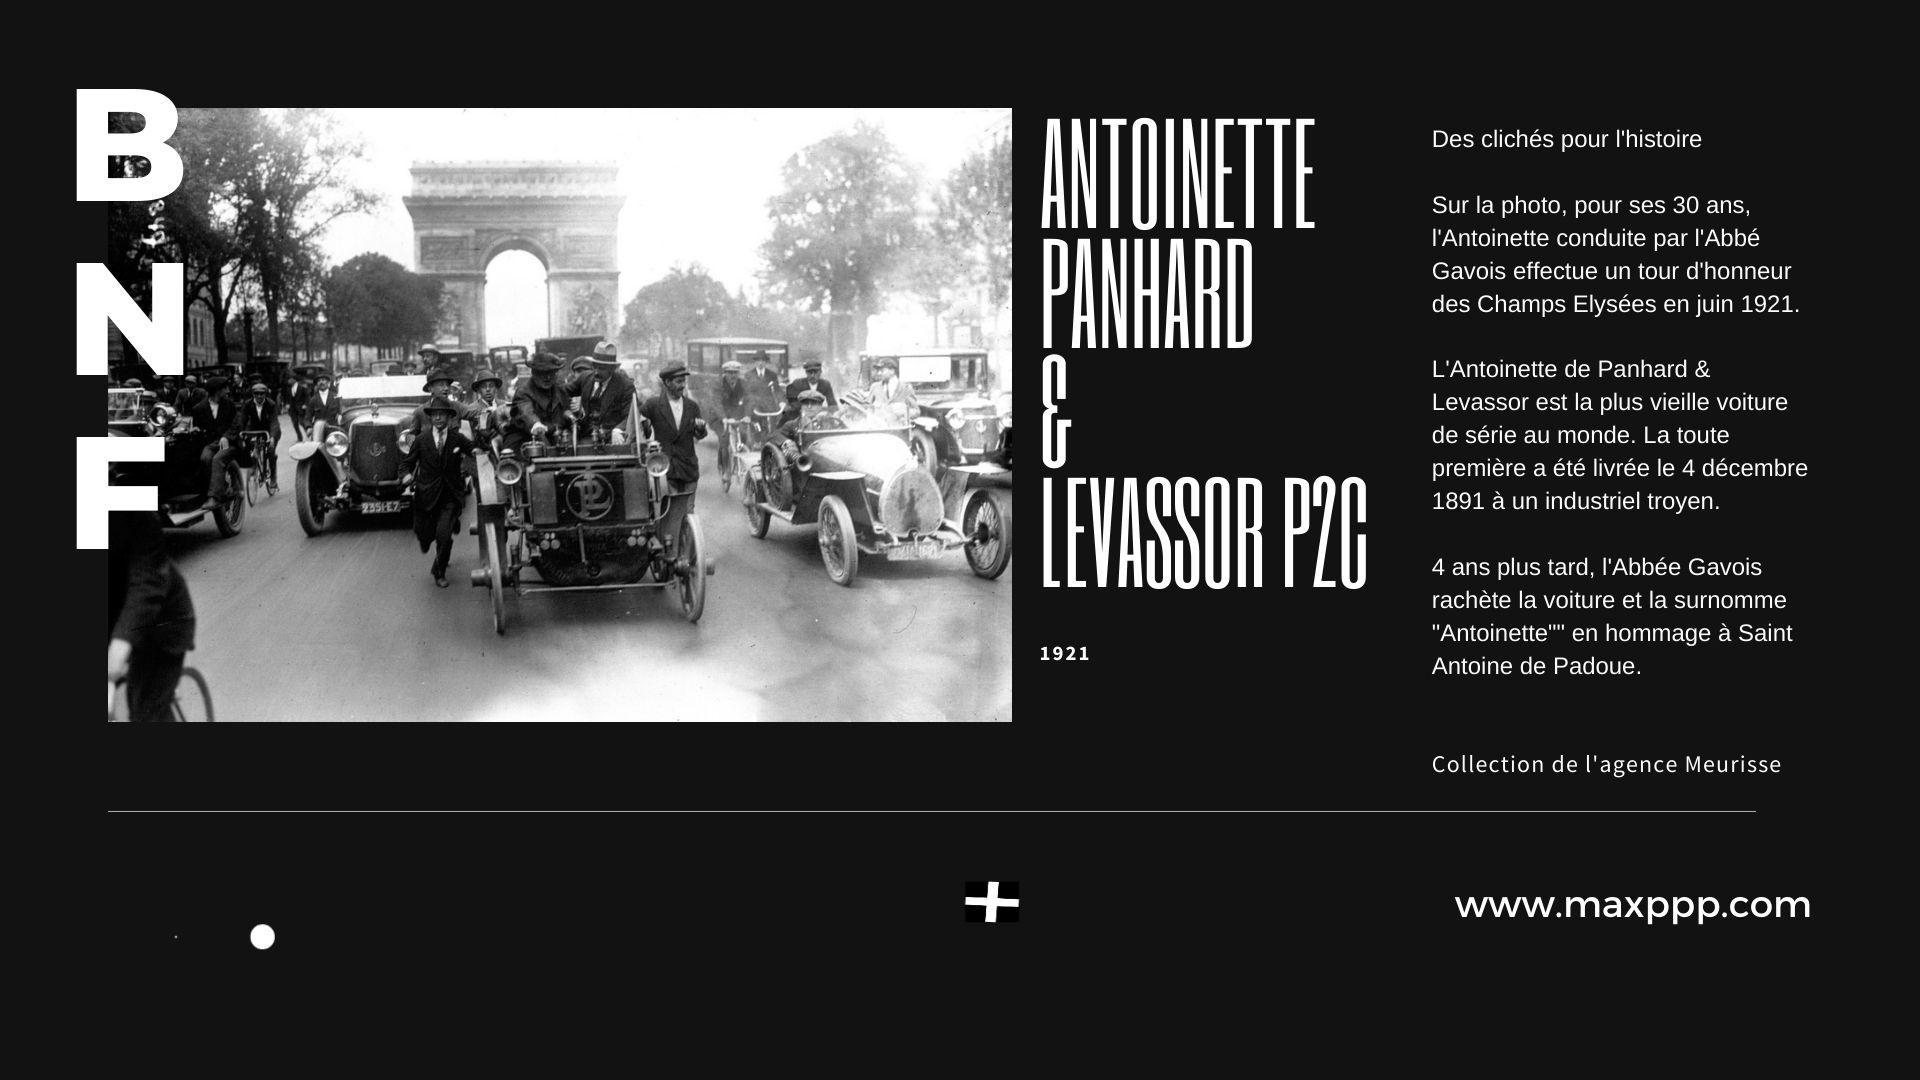 Antoinette, la plus vieille voiture au monde